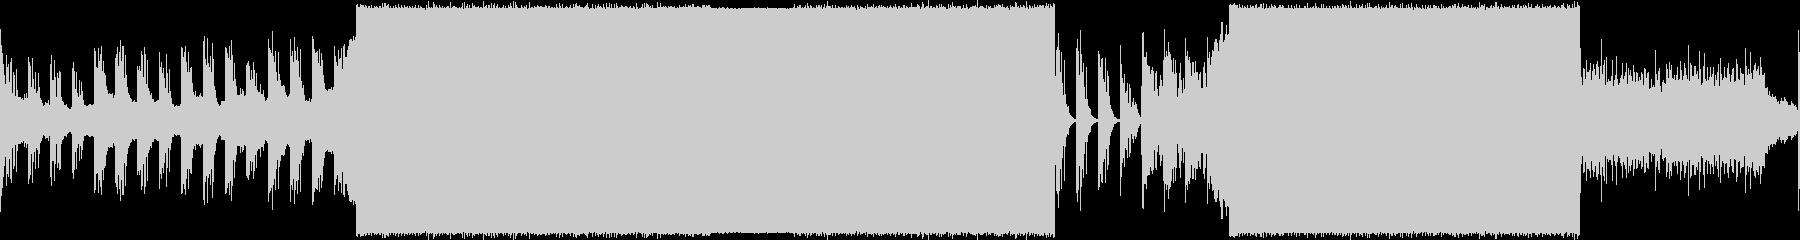 プログレッシブハウス。の未再生の波形